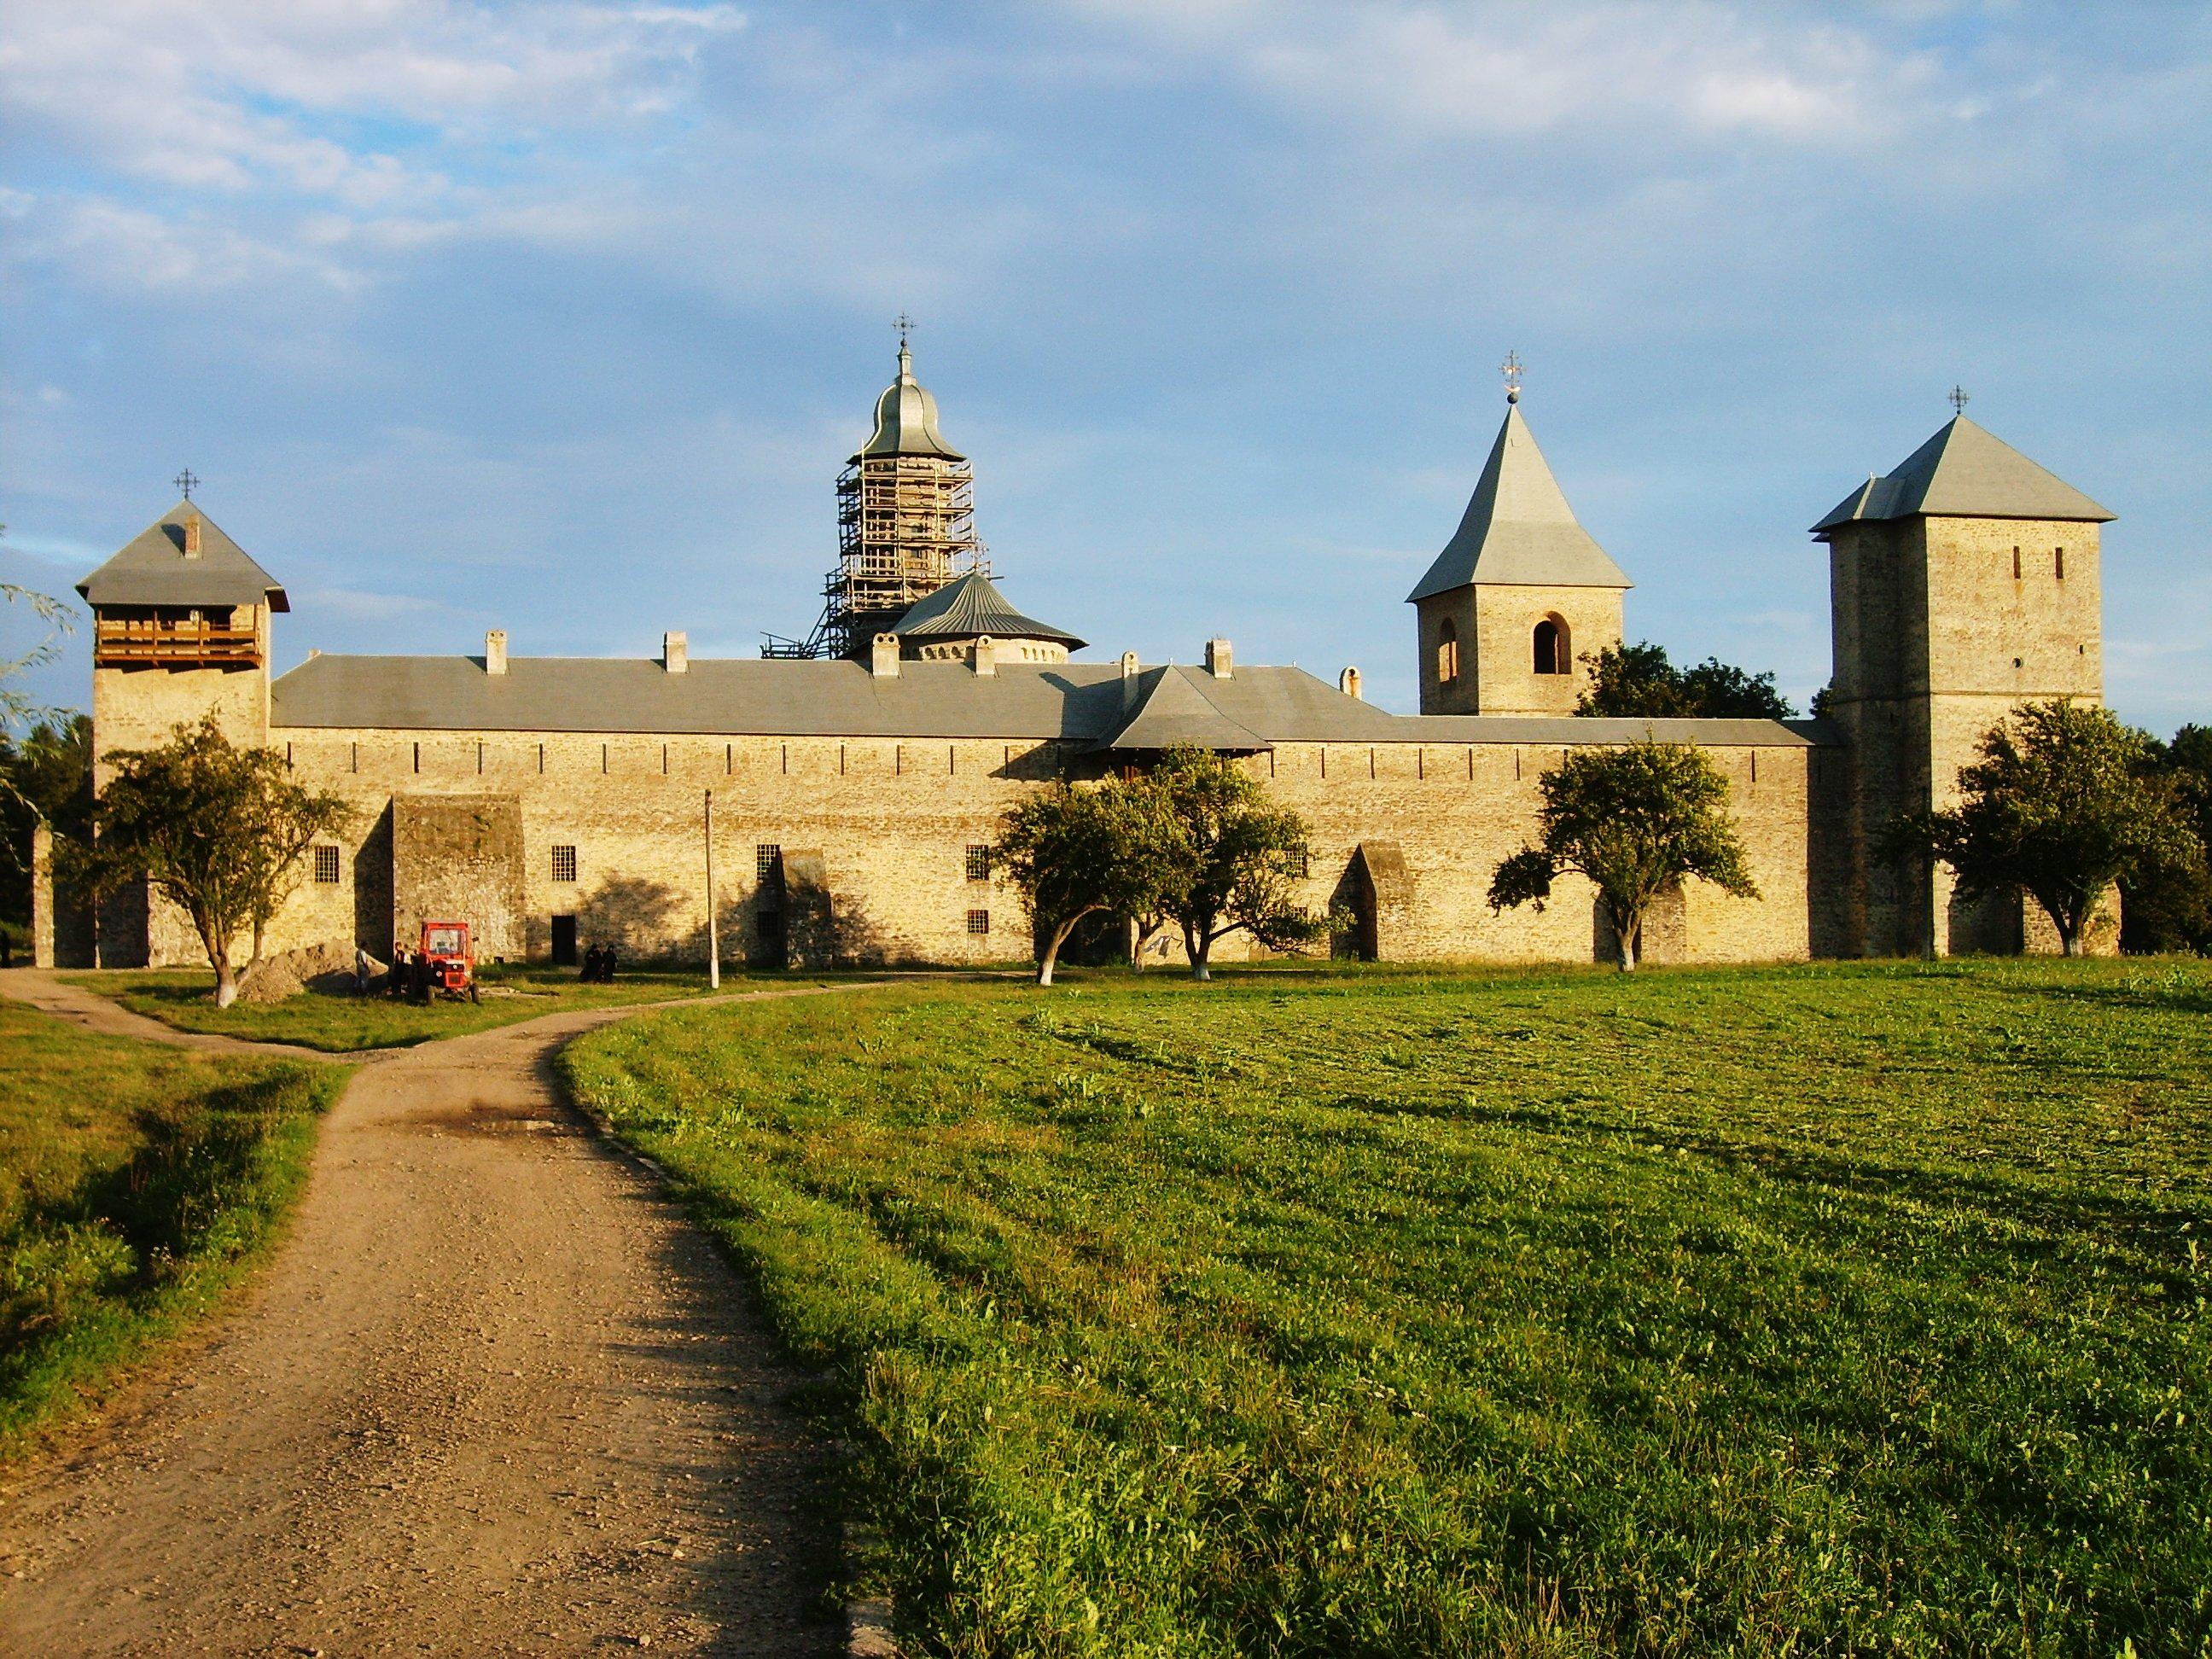 Biserica Mare de la Mânăstirea Dragomirna